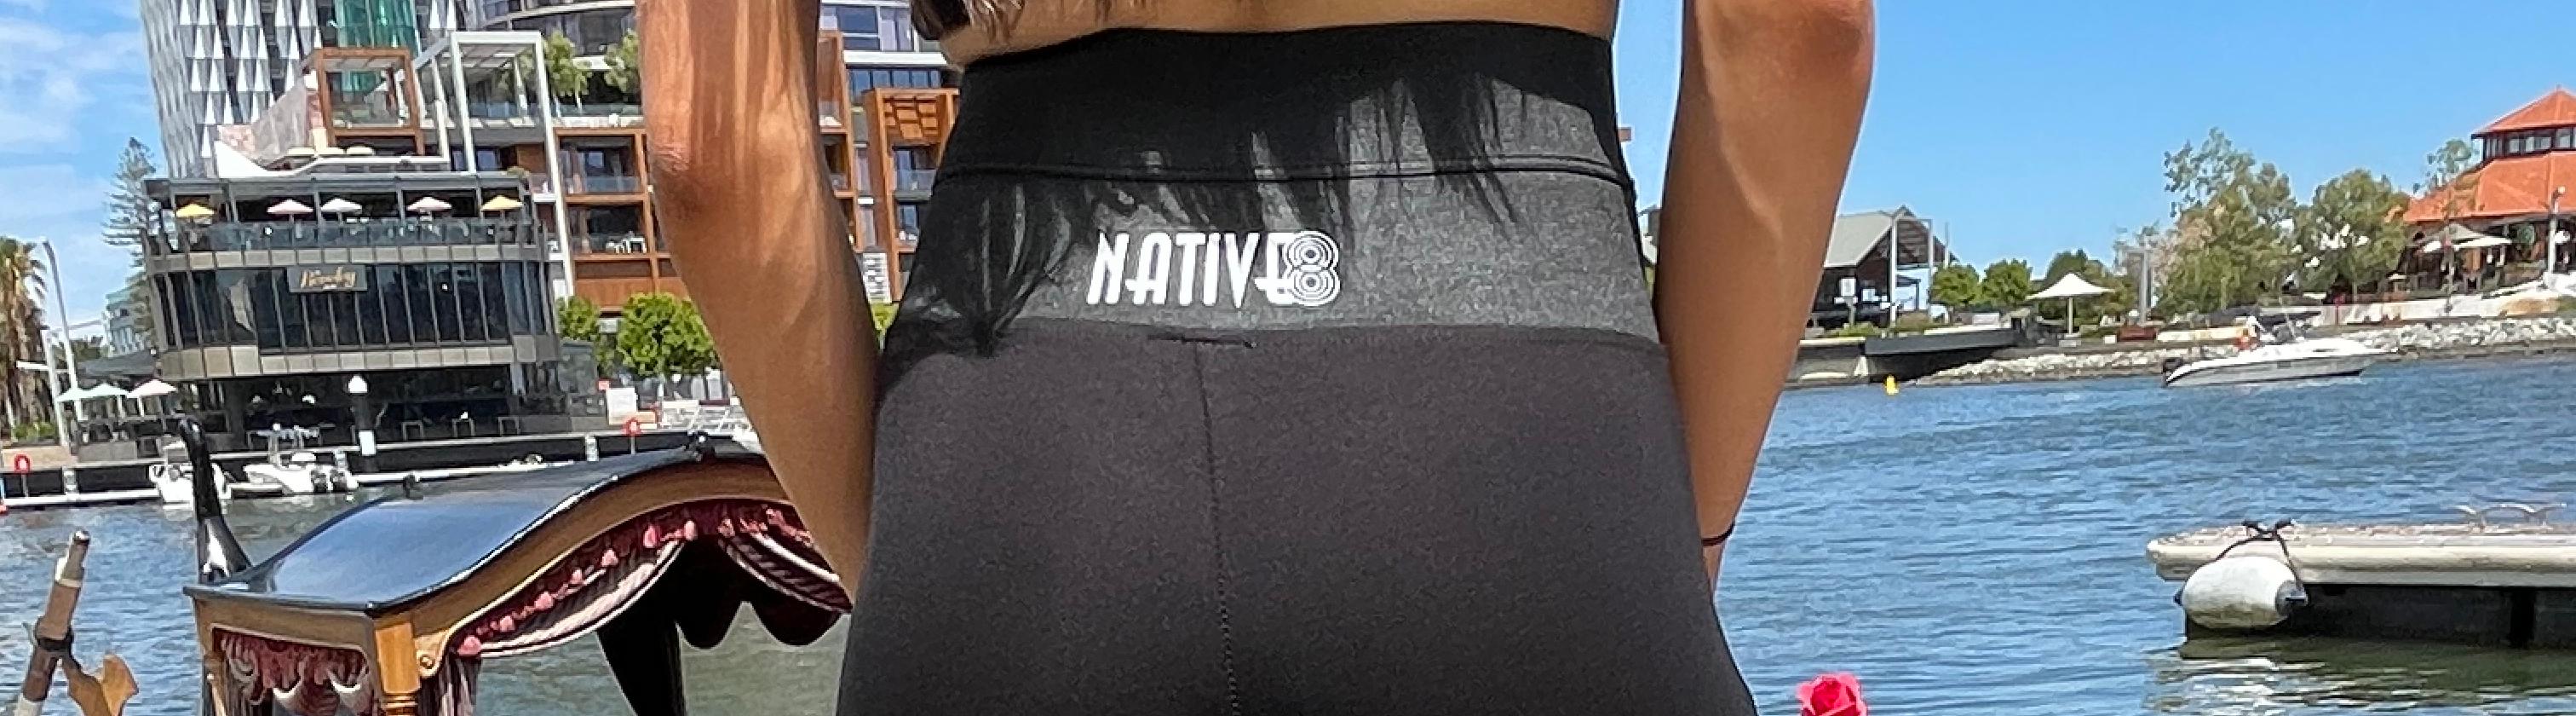 leggings-header.jpg